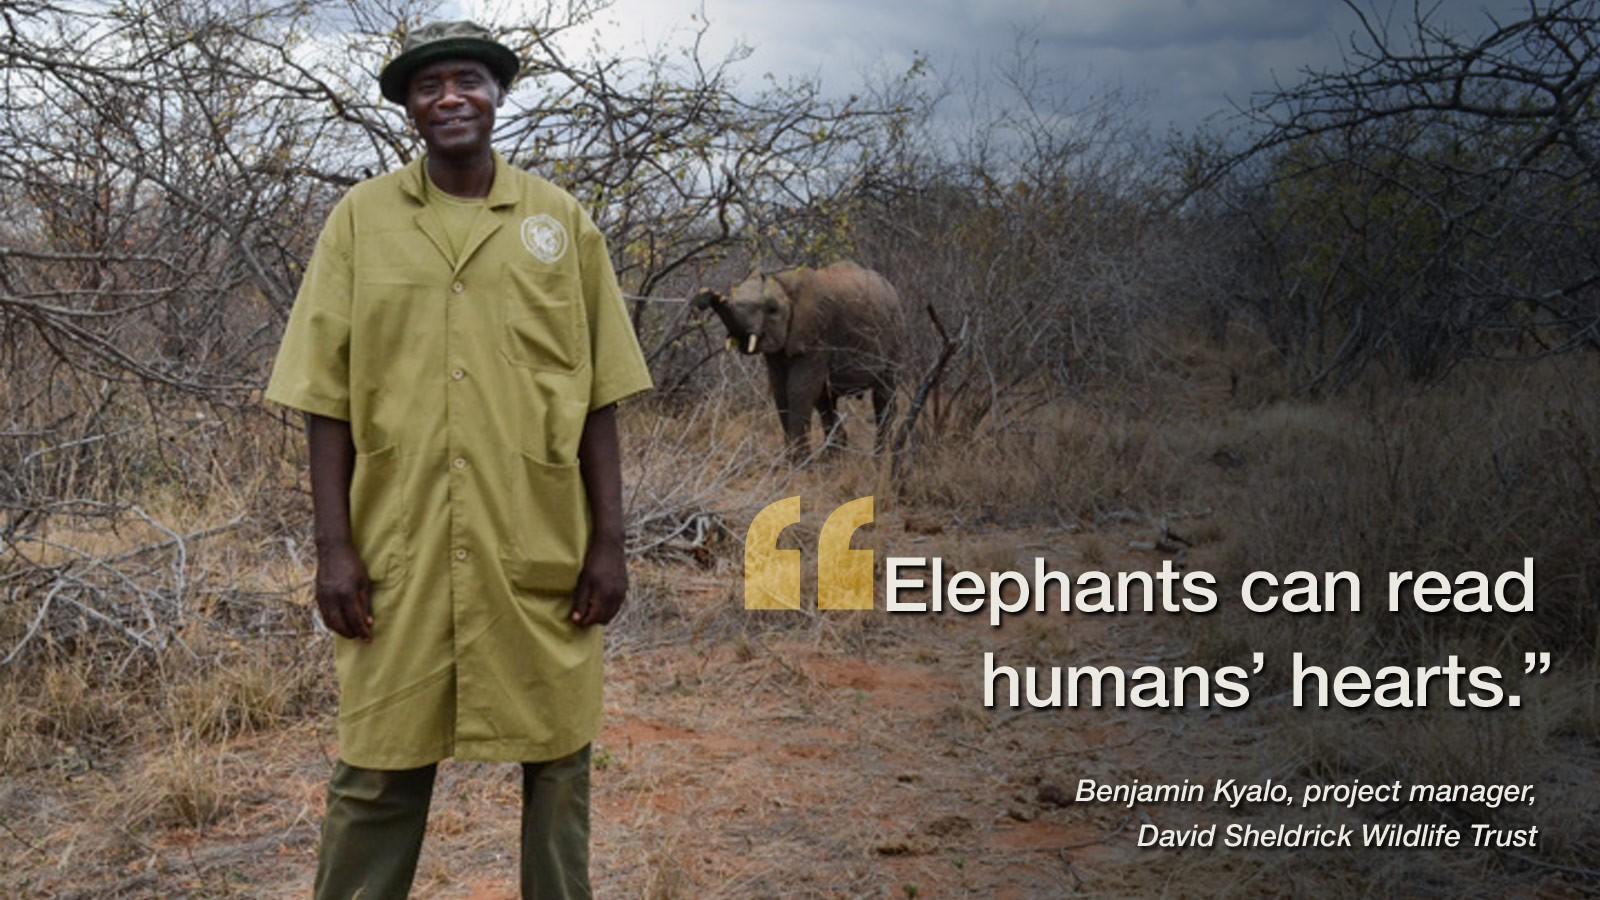 Bildergebnis für David Sheldrick Wildlife Trust quotes